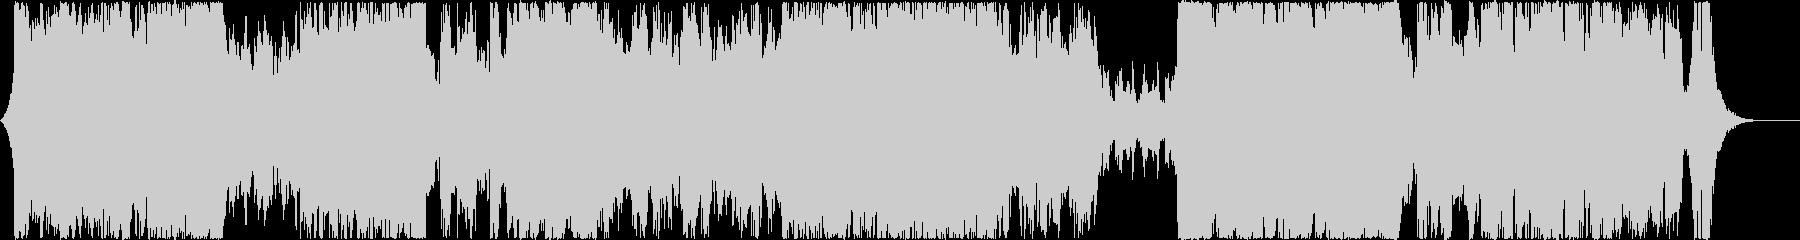 テーマパーク風オーケストラの未再生の波形